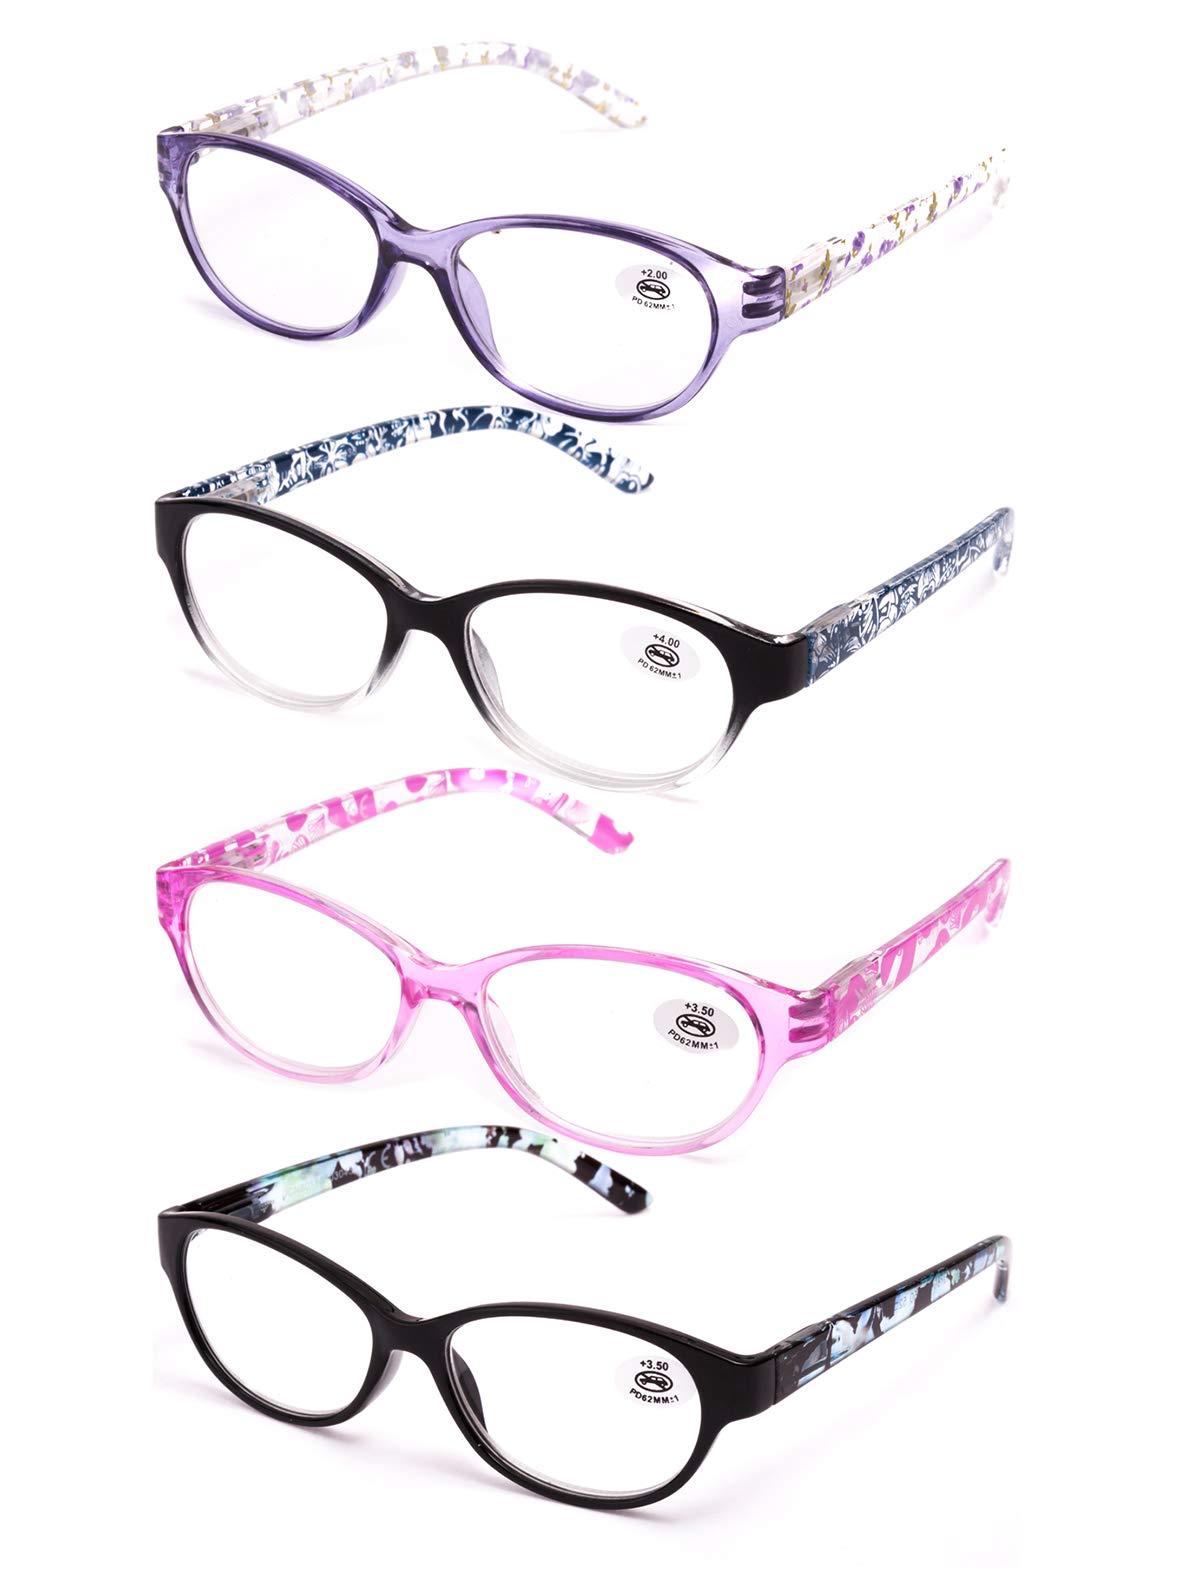 751fd18c00 Pack de 4 Gafas de Lectura Vista Cansada Presbicia, Graduadas Dioptrías  +1.00 hasta +